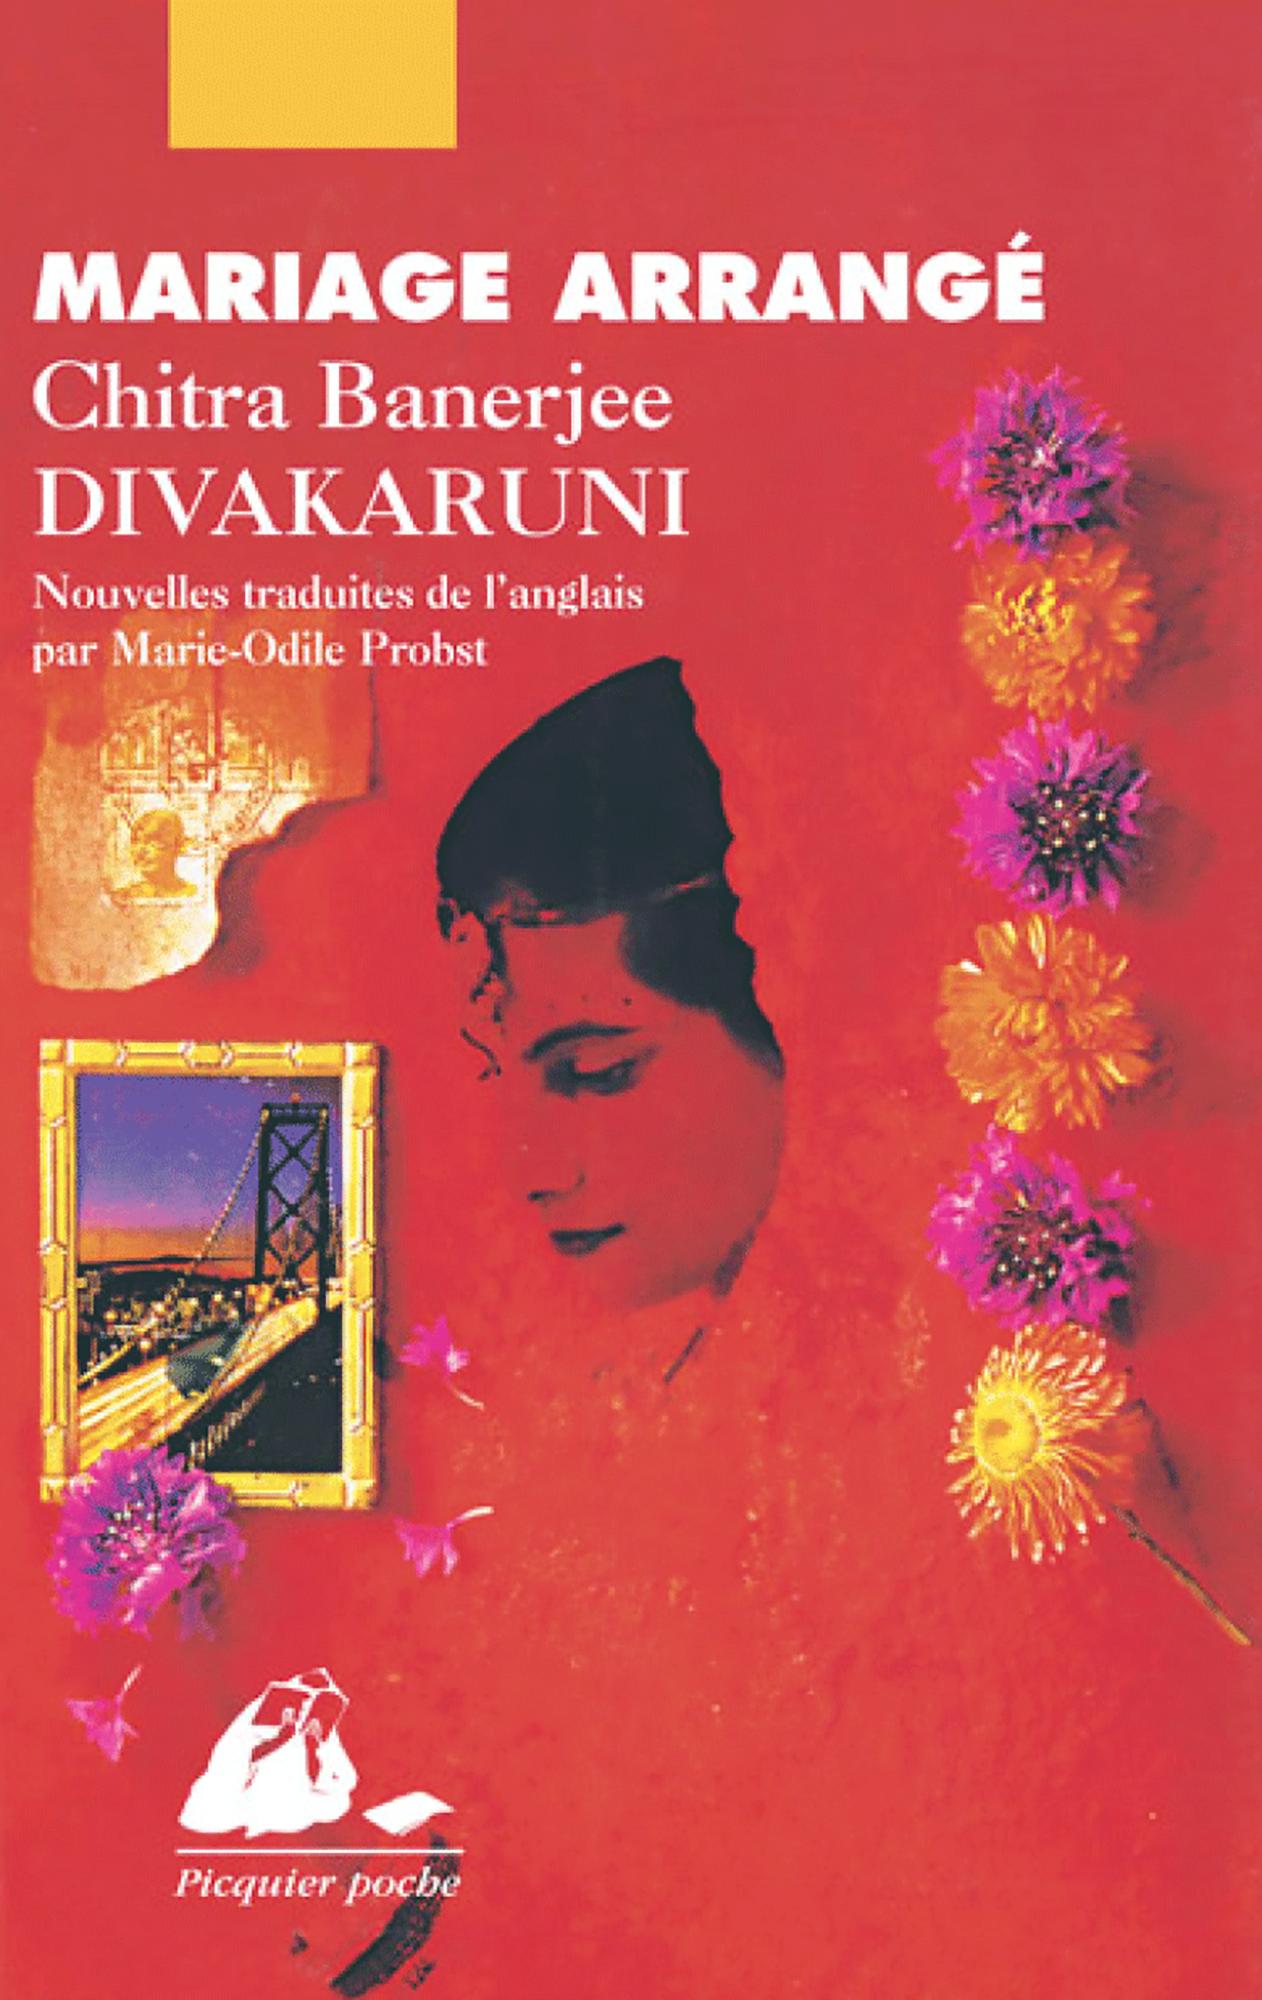 Mariage arrangé | DIVAKARUNI, Chitra Banerjee